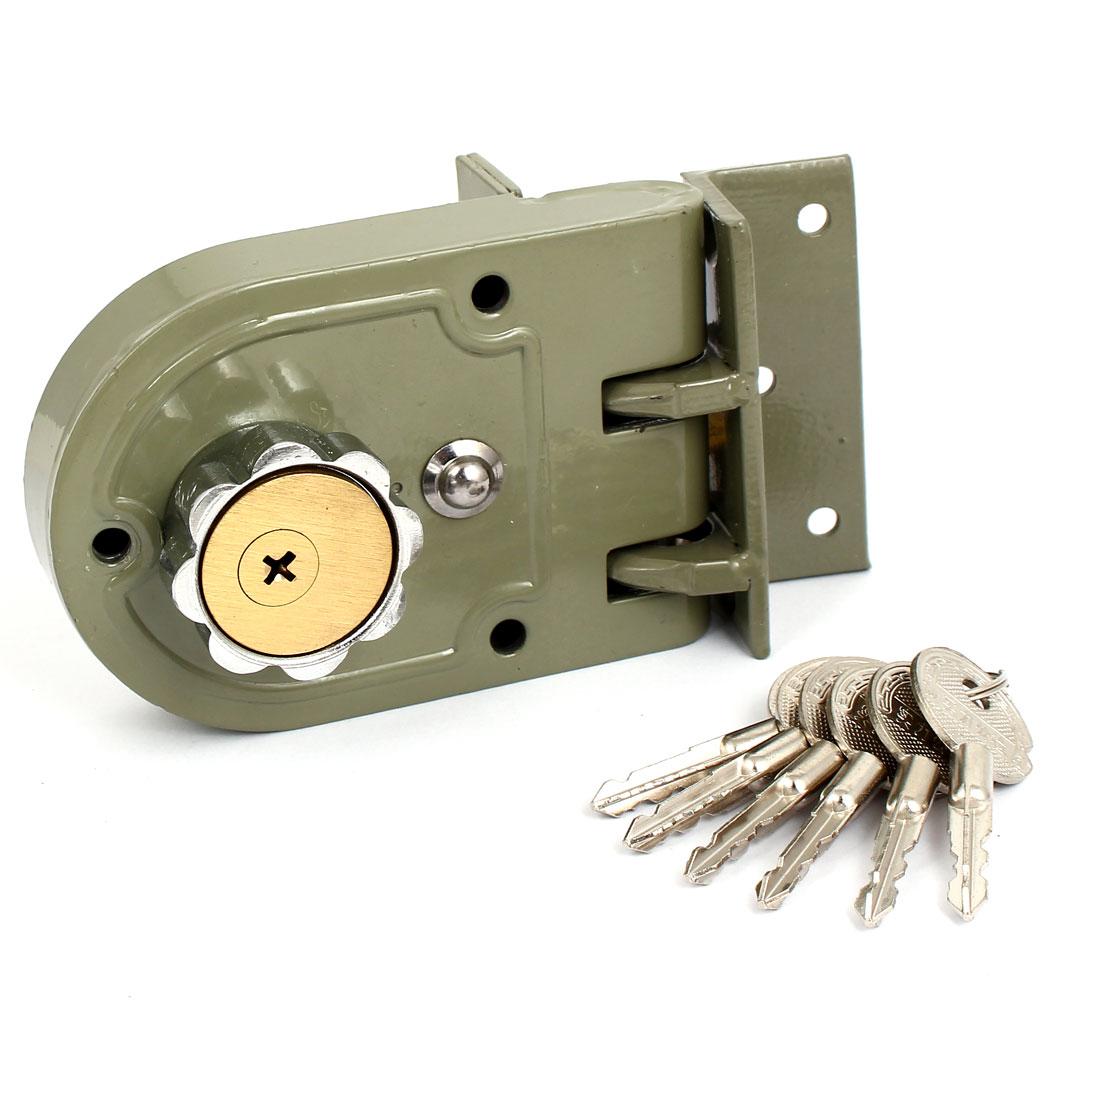 Serrure de porte à clé à l'épreuve de Jimmy de pêne dormant de cylindre simple de matériel de serrures de bureau à la maison pour l'amélioration d'épaisseur de porte de 35-50mm